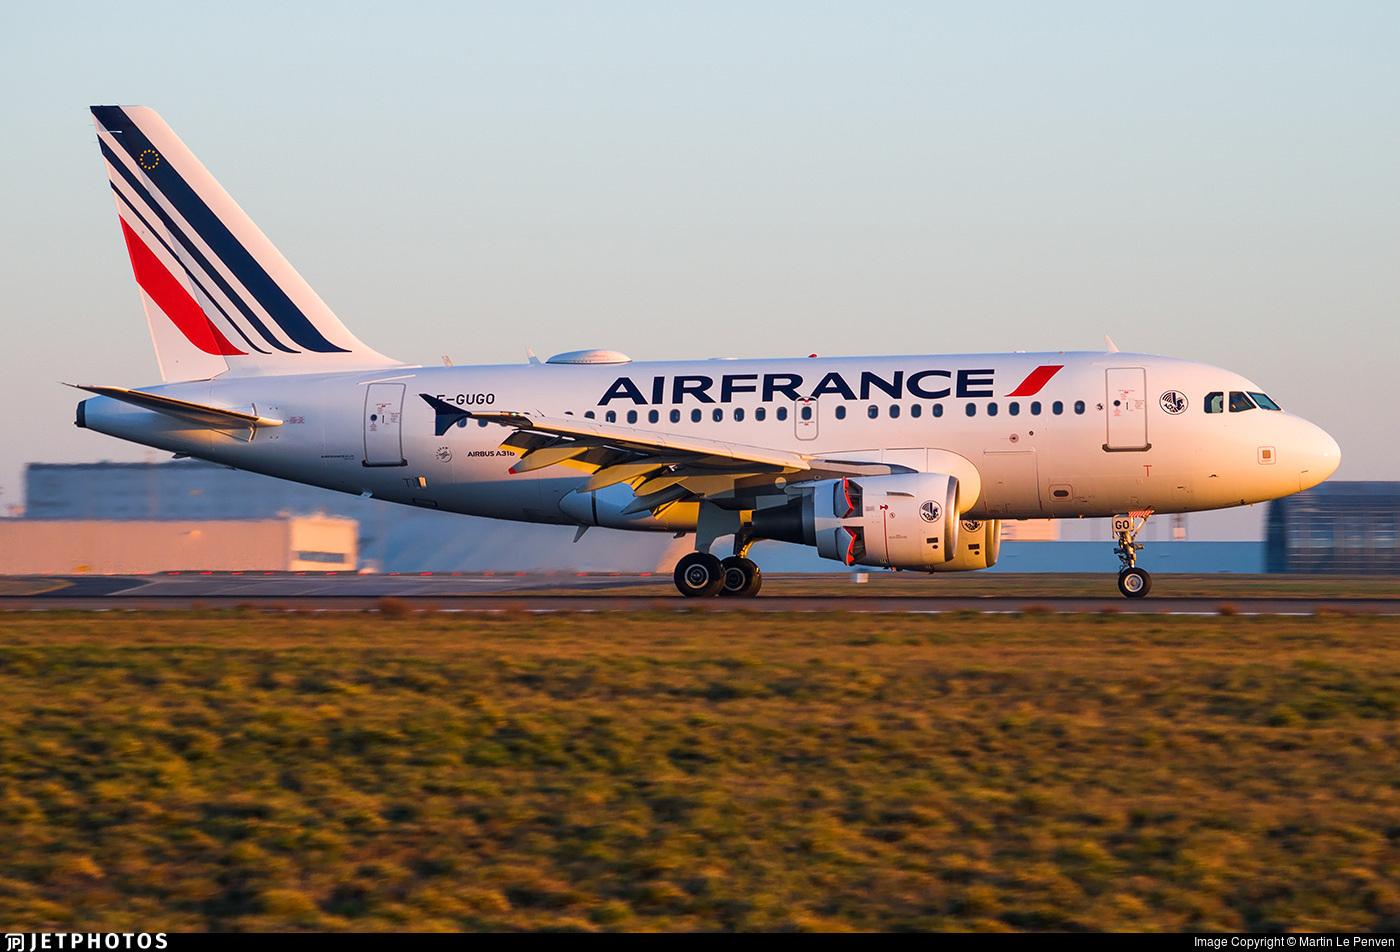 An Air France A318 landing in Paris